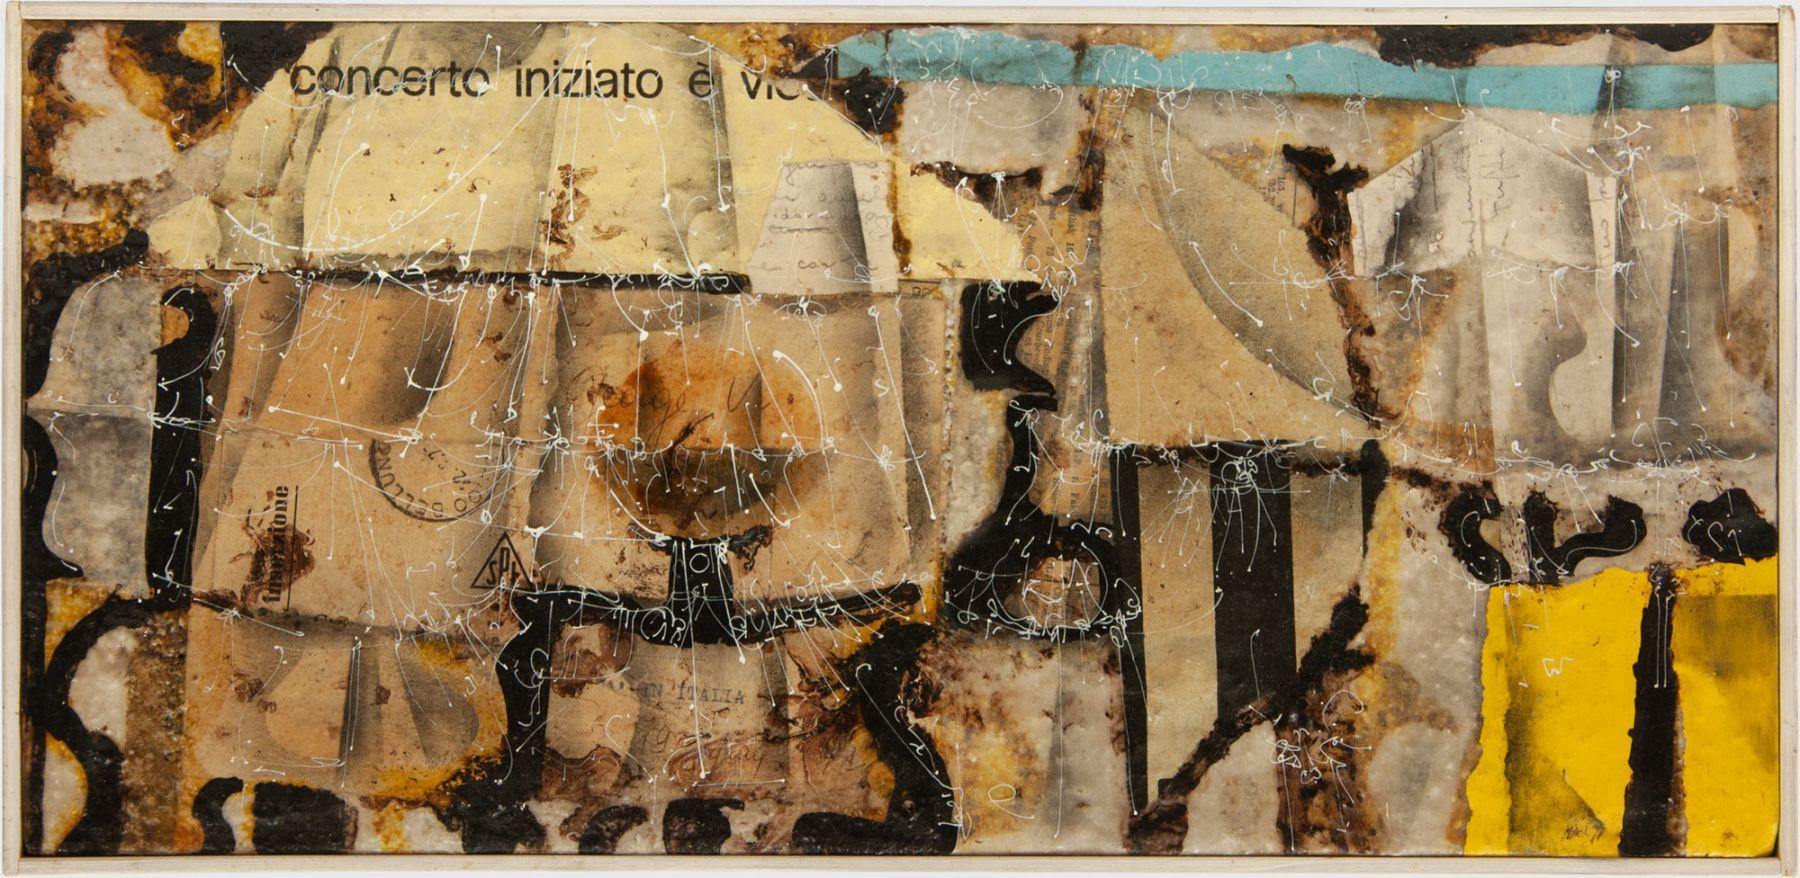 KEN NACK (1923-2009), Bulluno, 1974-77